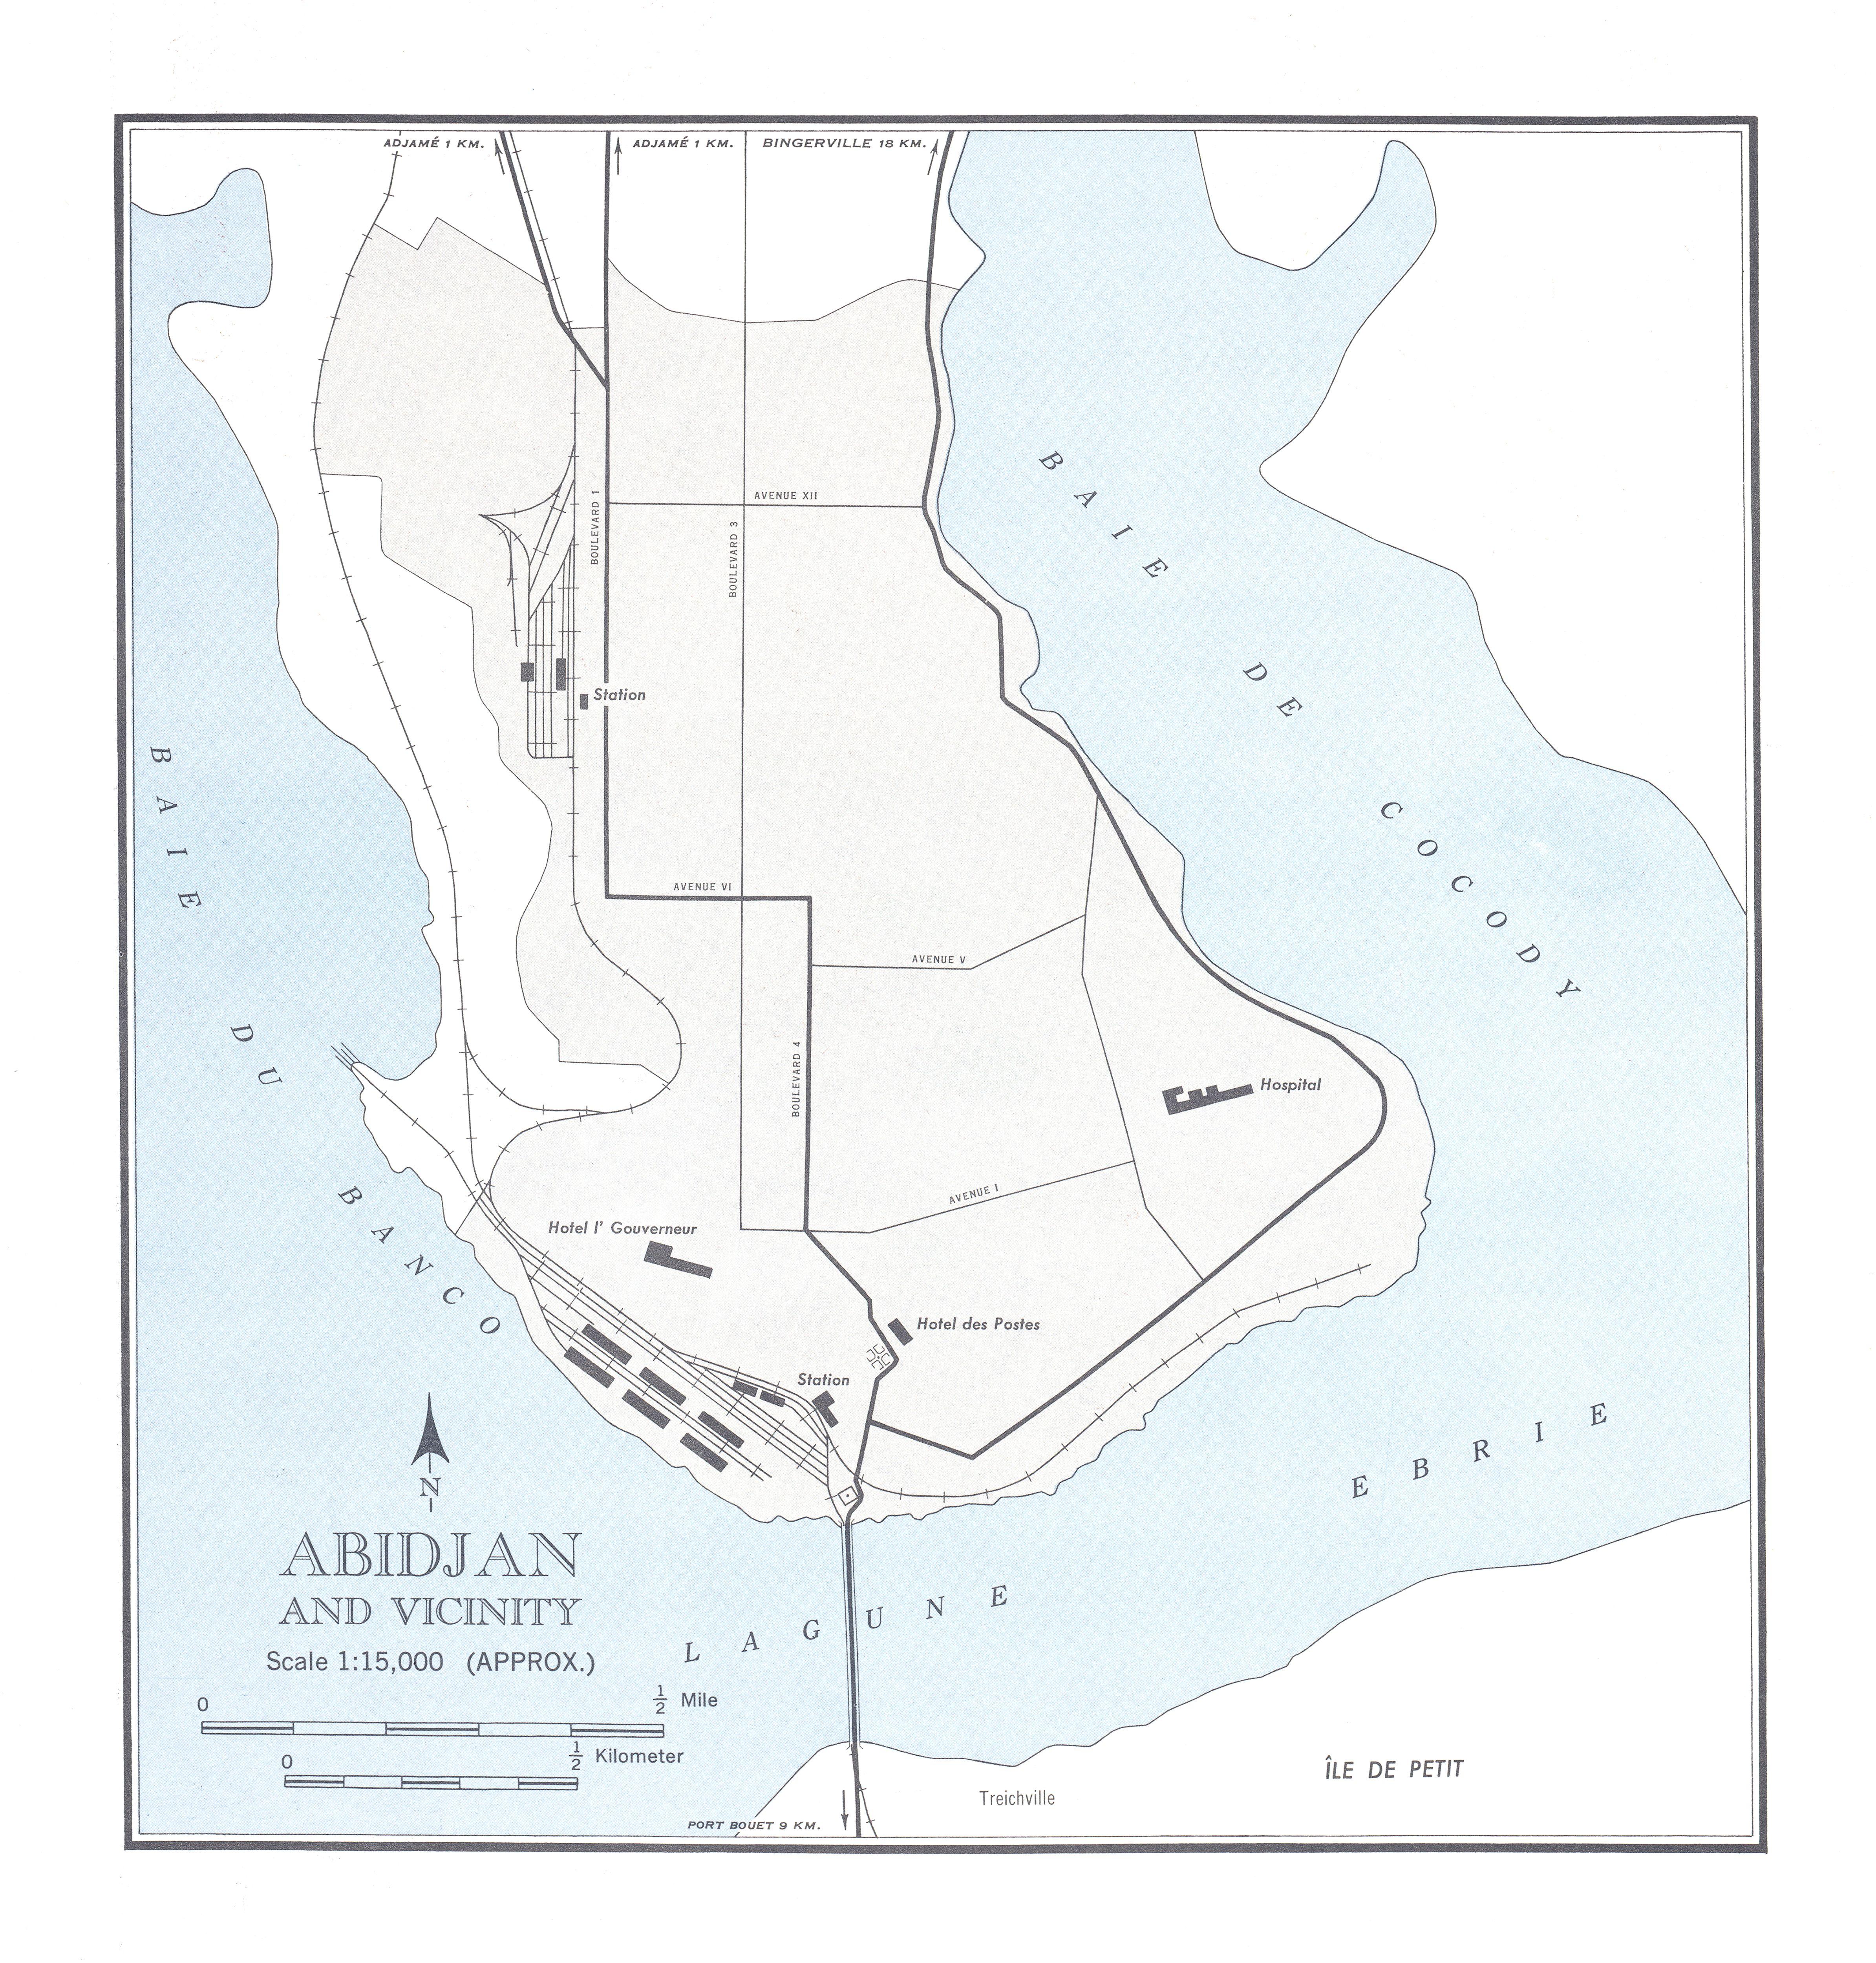 Mapa de la Ciudad de Abiyán y Cercanías, Côte d'Ivoire 1955